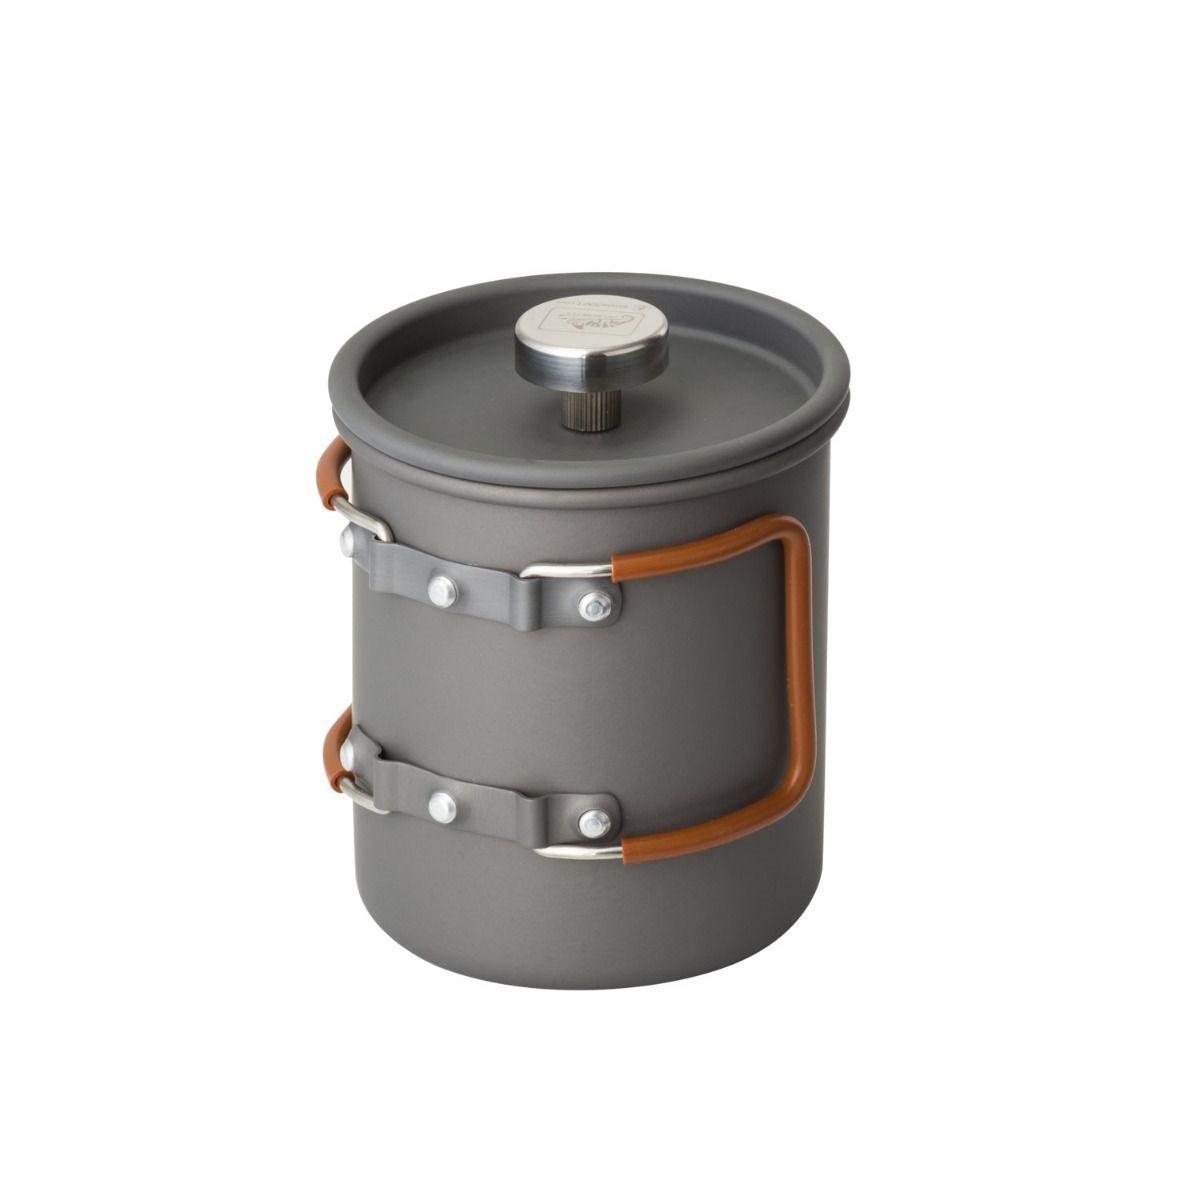 Konvice CAMP se sítkem FRENCH PRESS 600 ml ŠEDÁ Helikon-Tex® TK-FPC-AL-19 L-11